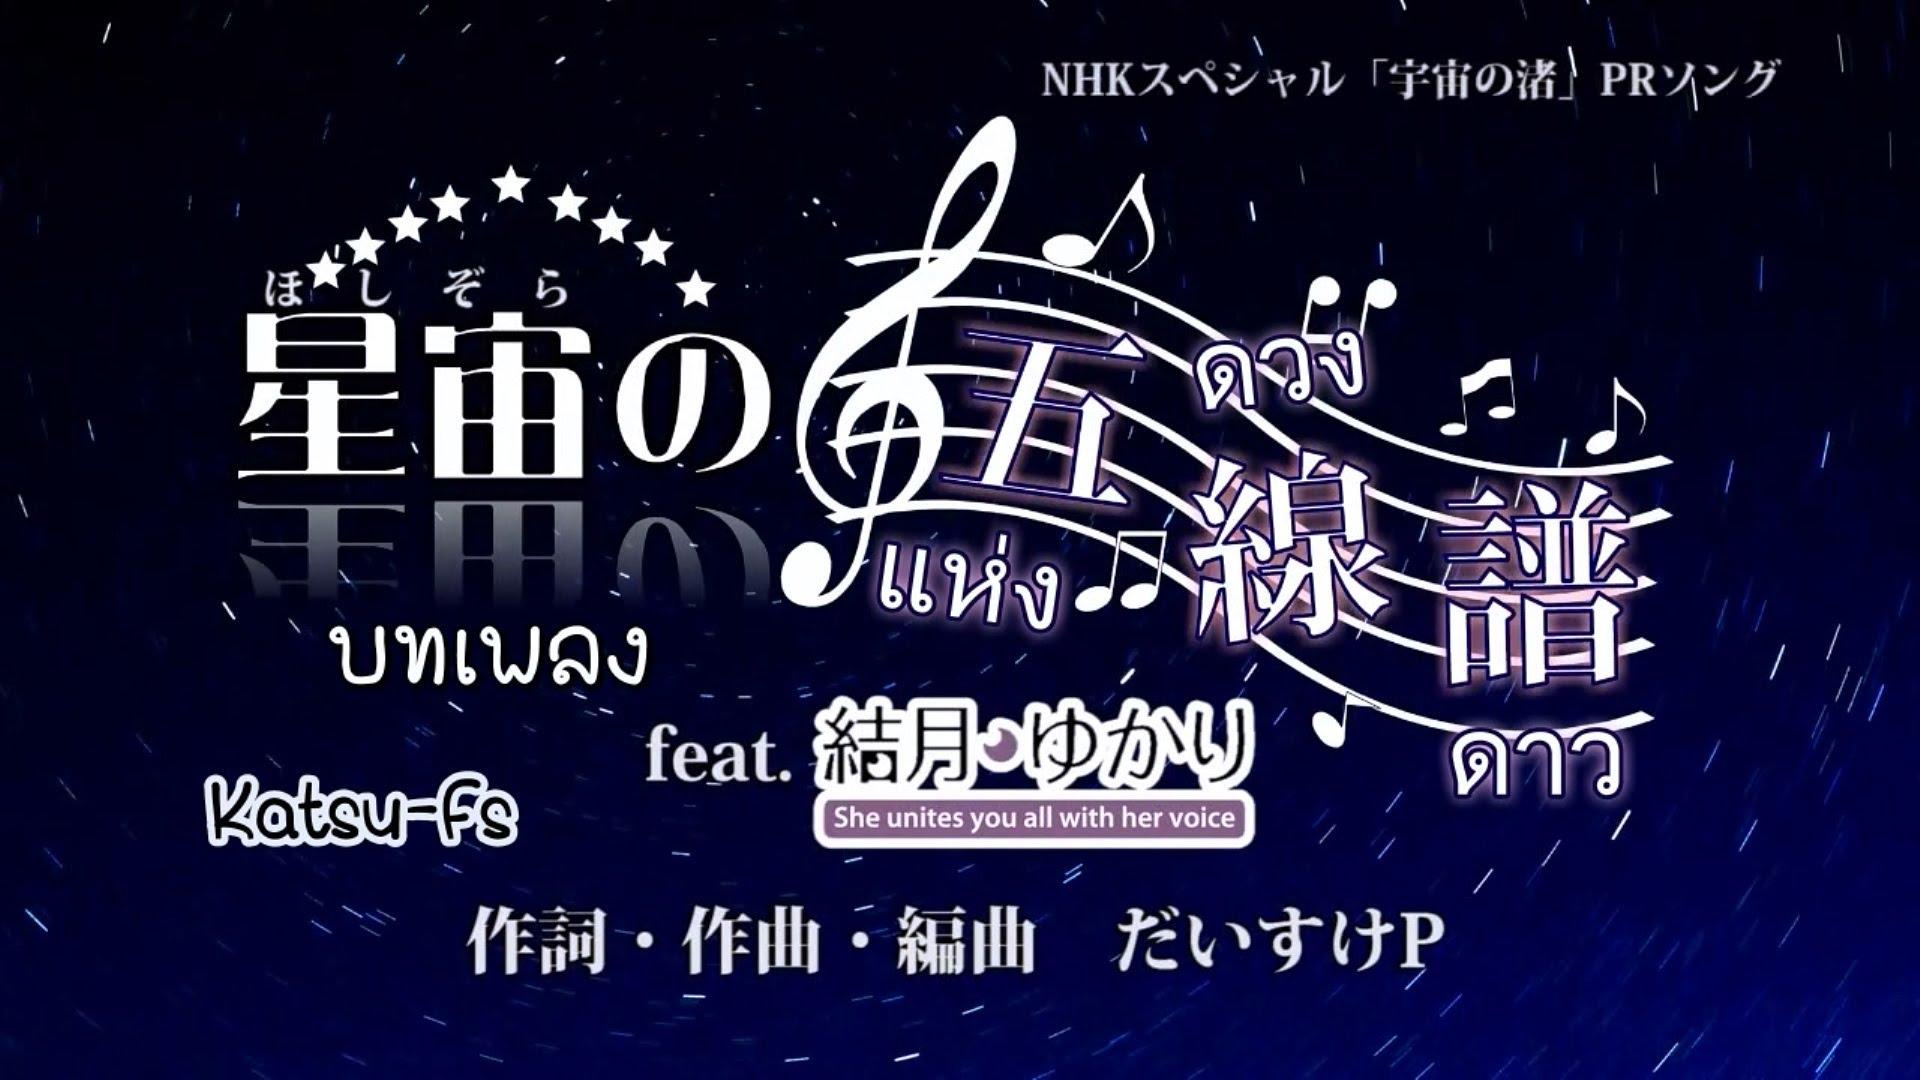 星宙の五線譜 (Hoshizora no Gosenfu)